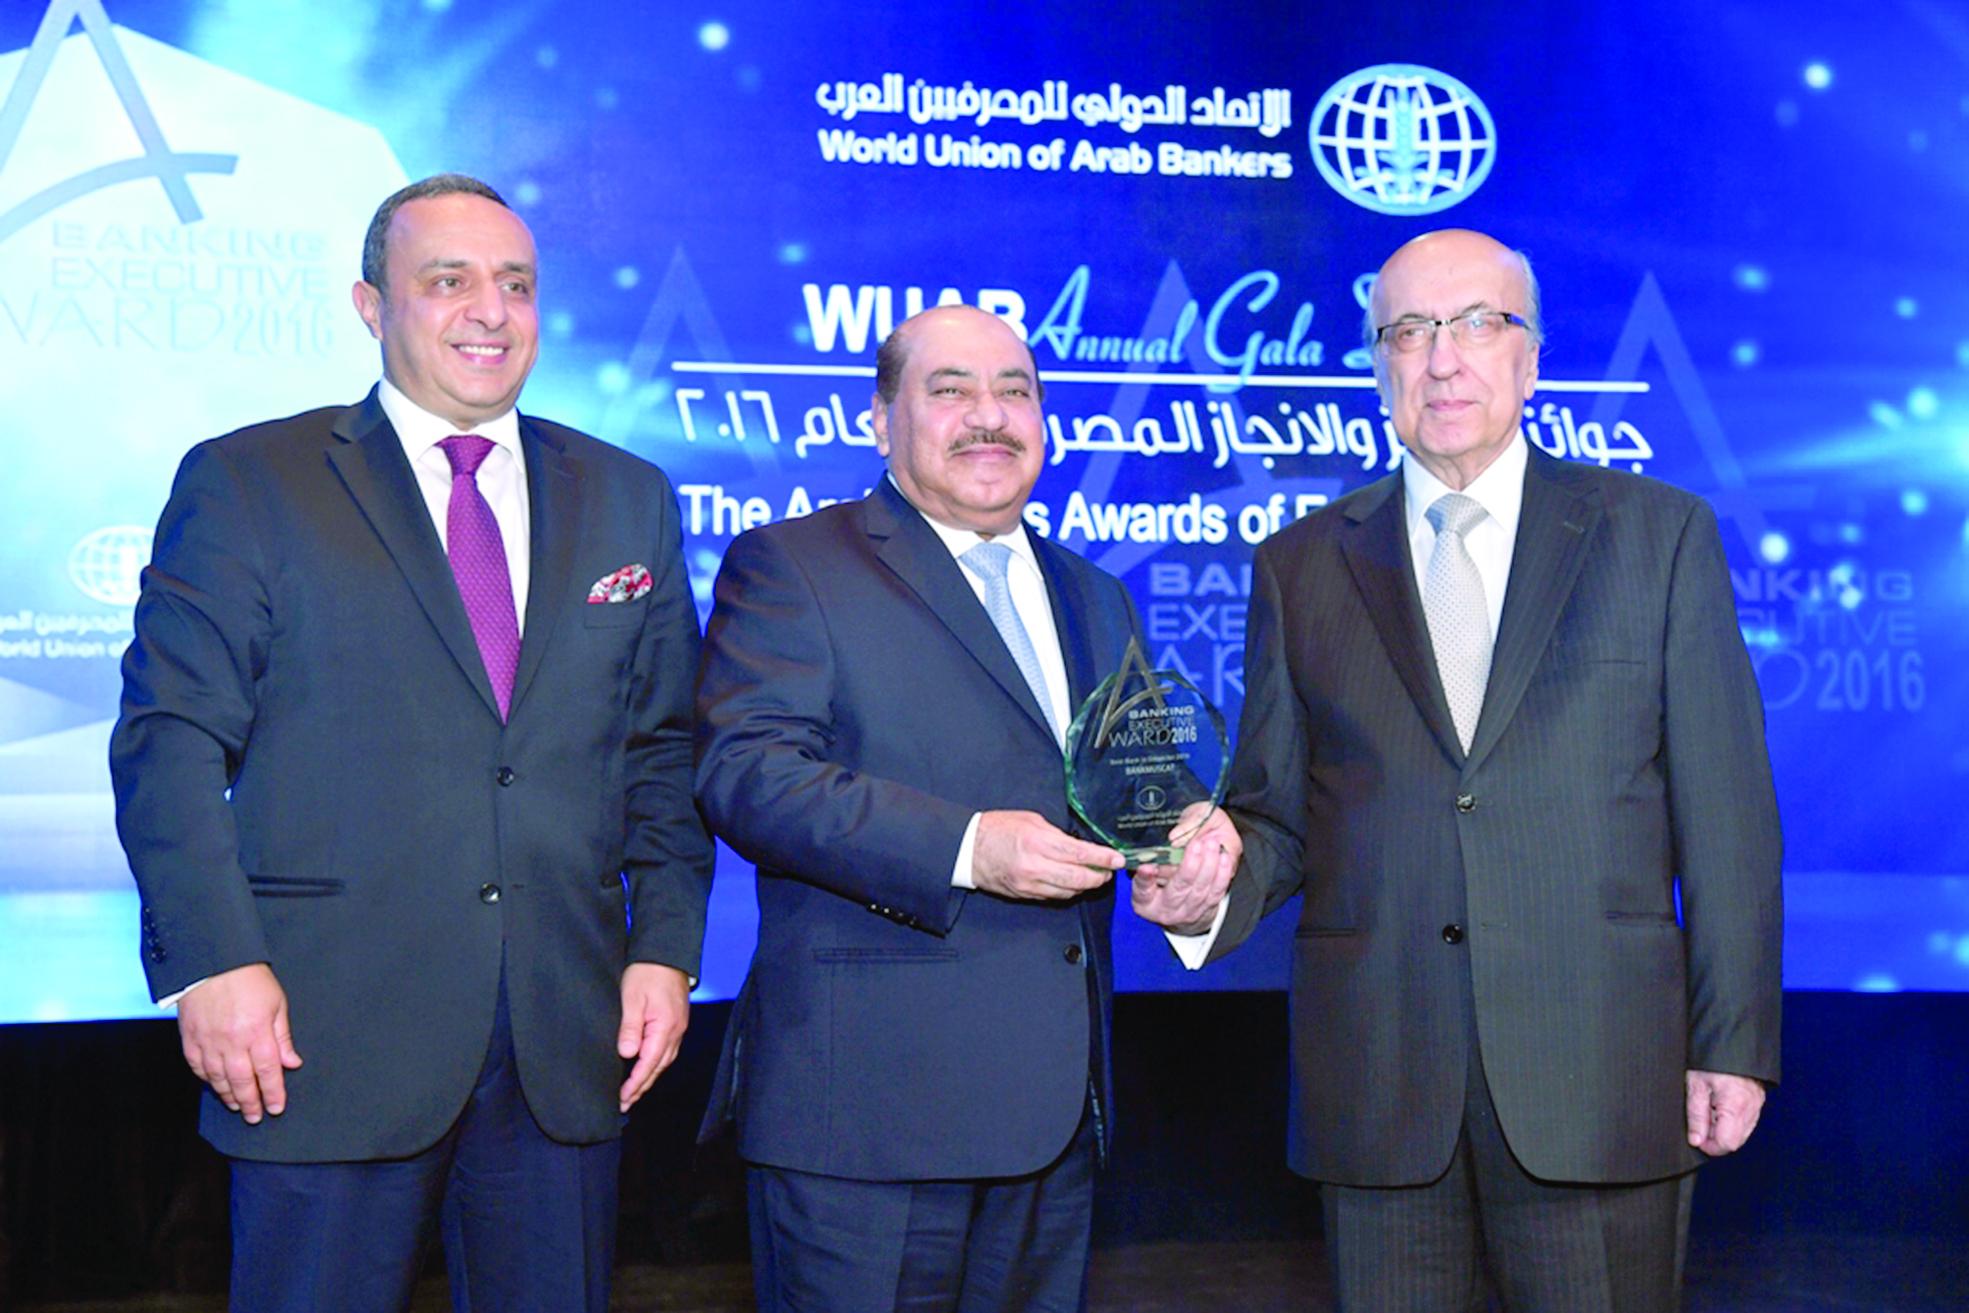 بنك مسقط يتوج بجائزة أفضل بنك في السلطنة من  اتحاد المصرفيين العرب